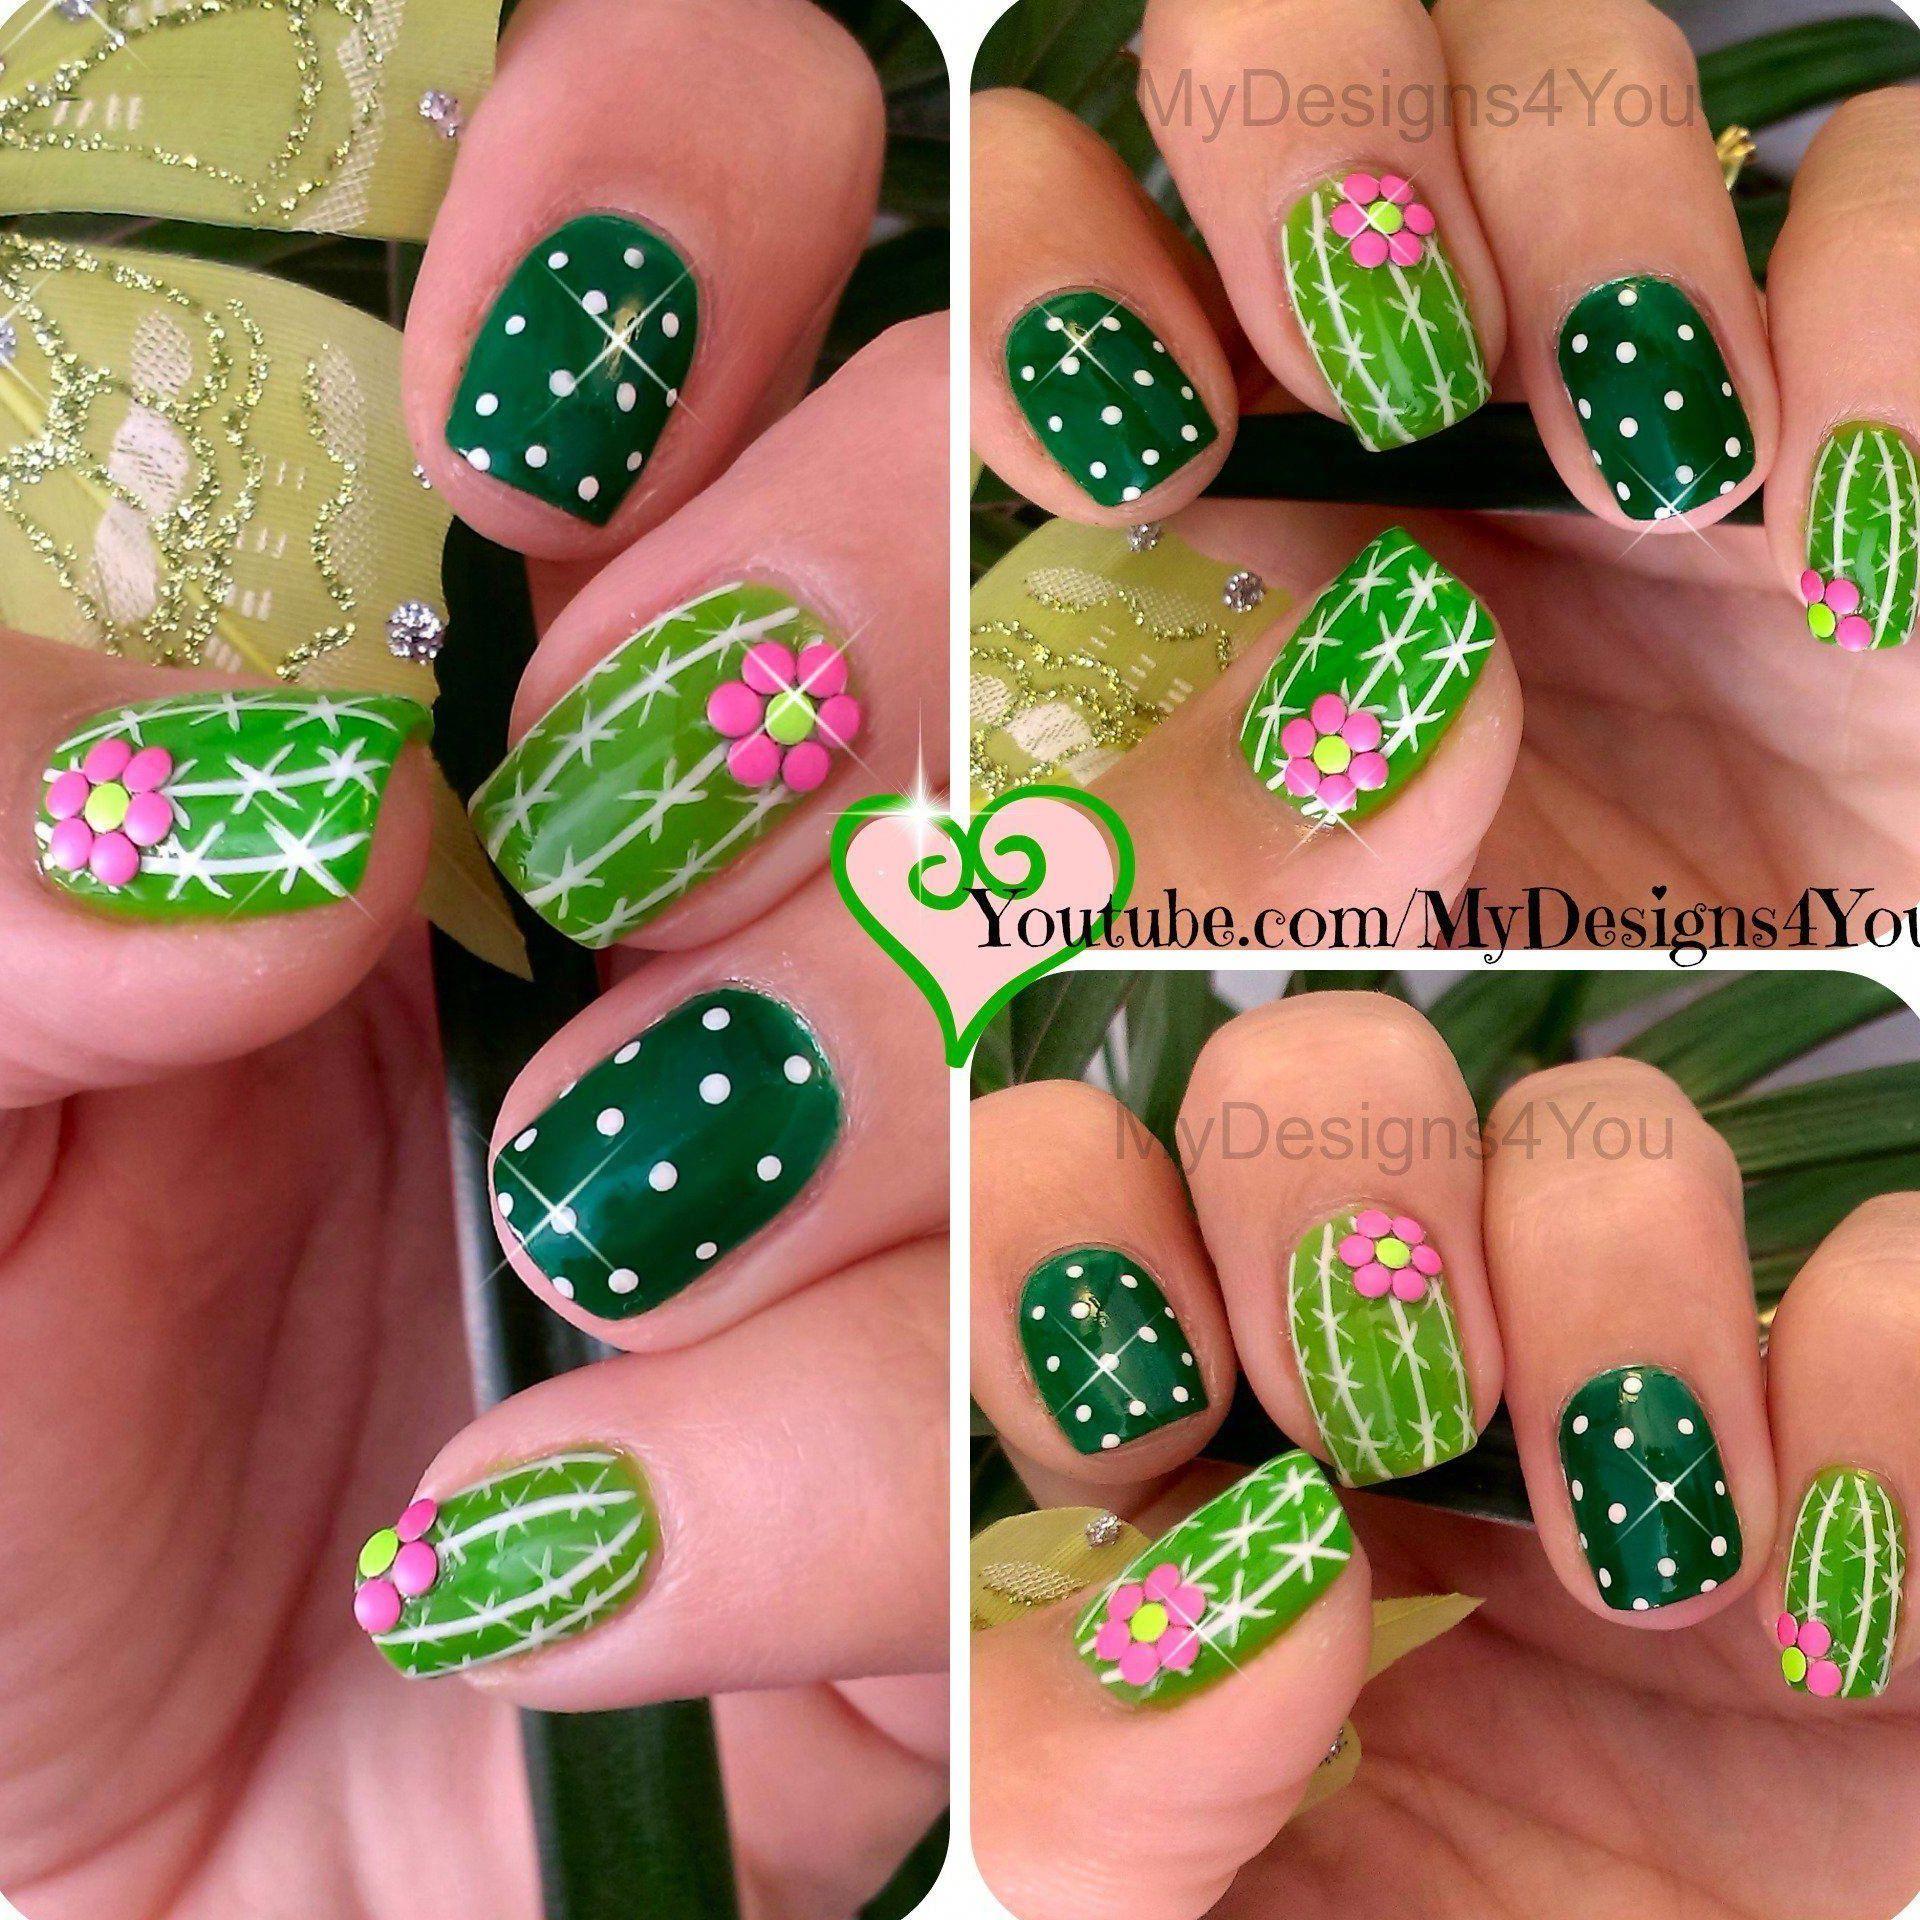 Fun Cactus Nail Art Easy Summer Nails Diseno De Unas Cactus Fun Cactus Nail Art Summer Nails Green N In 2020 Nail Art Summer Nail Art Designs Summer Green Nails